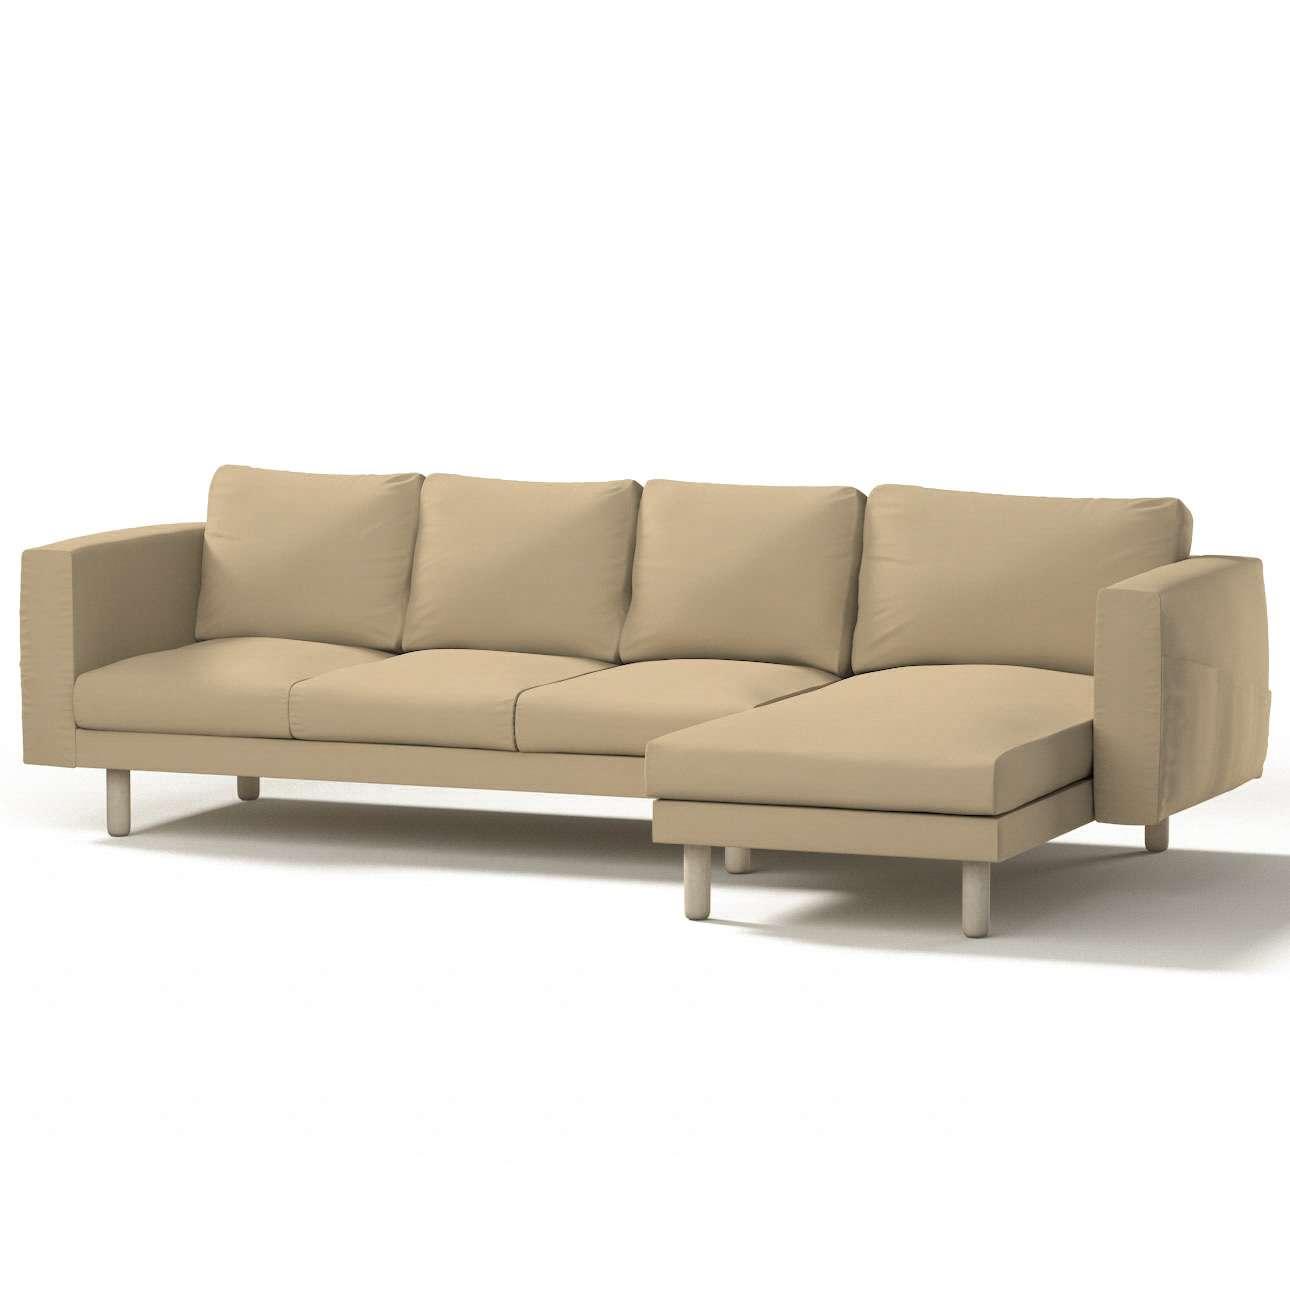 Norsborg Bezug für 4-Sitzer Sofa mit Recamiere, caffe latte, Norsborg Bezug für 4-Sitzer Sofa mit Recamiere, Cotton Panama | Wohnzimmer > Sofas & Couches > Recamieren | Dekoria